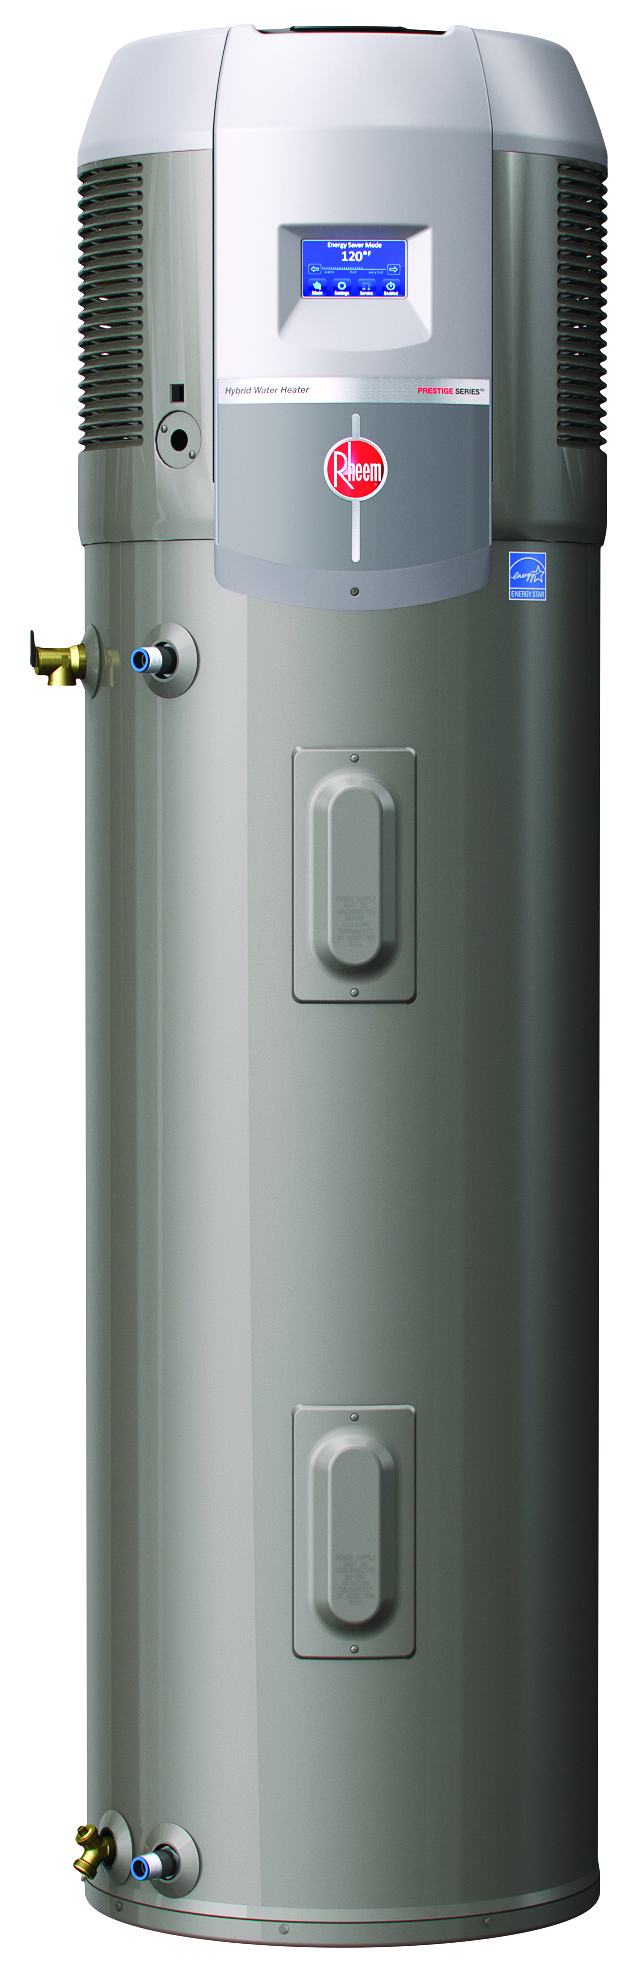 RHEEM Heat Pump HB50RH_FRONT.jpeg